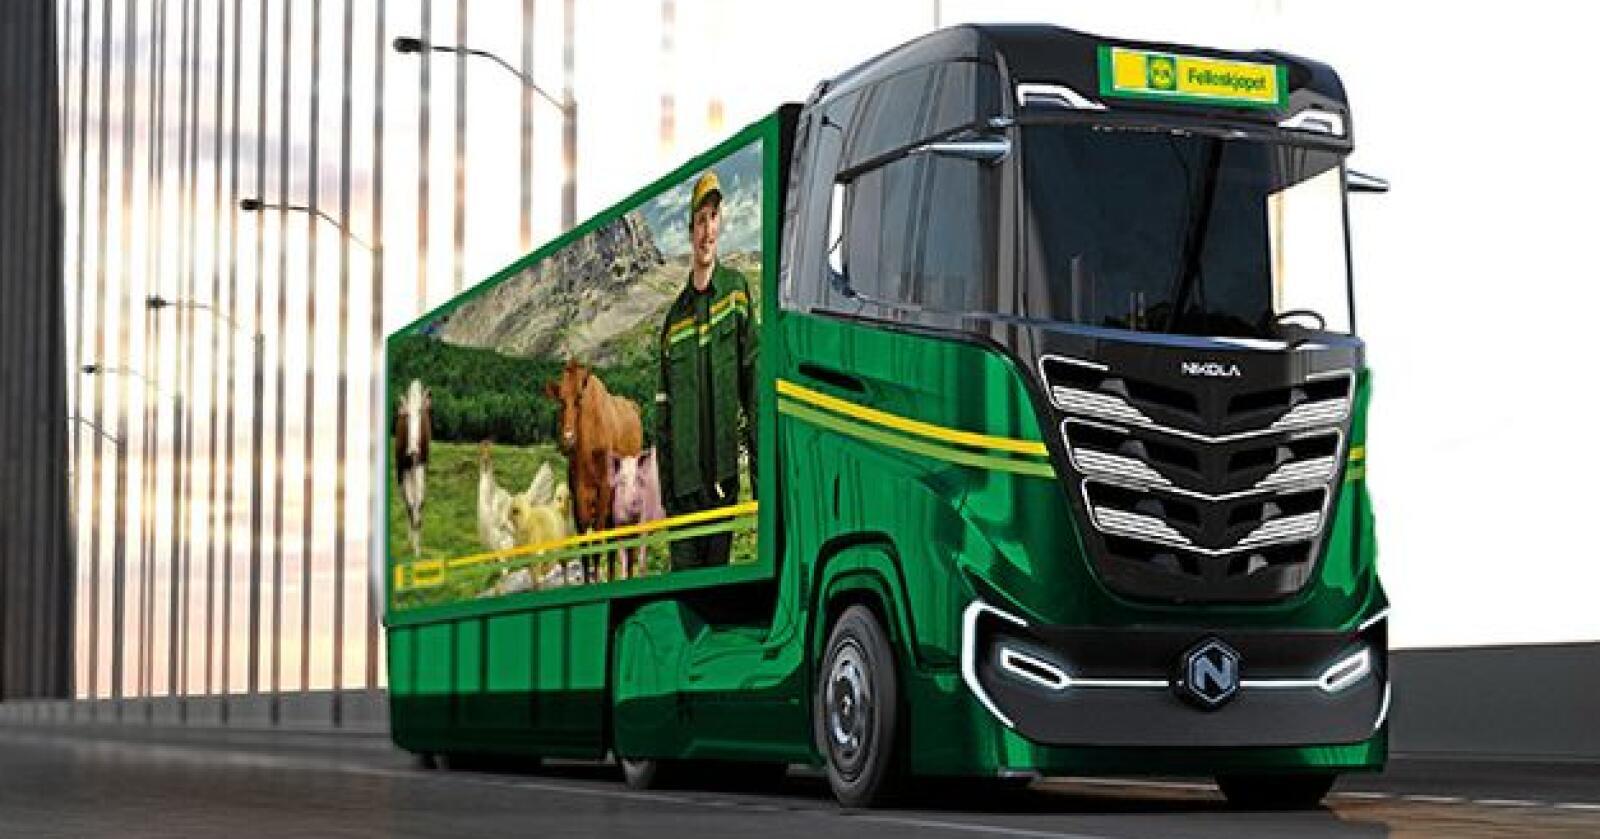 Felleskjøpet har bestilt nye miljøvennlige hydrogen-elektriske lastebiler av merket Nikola Tre. Foto: Felleskjøpet